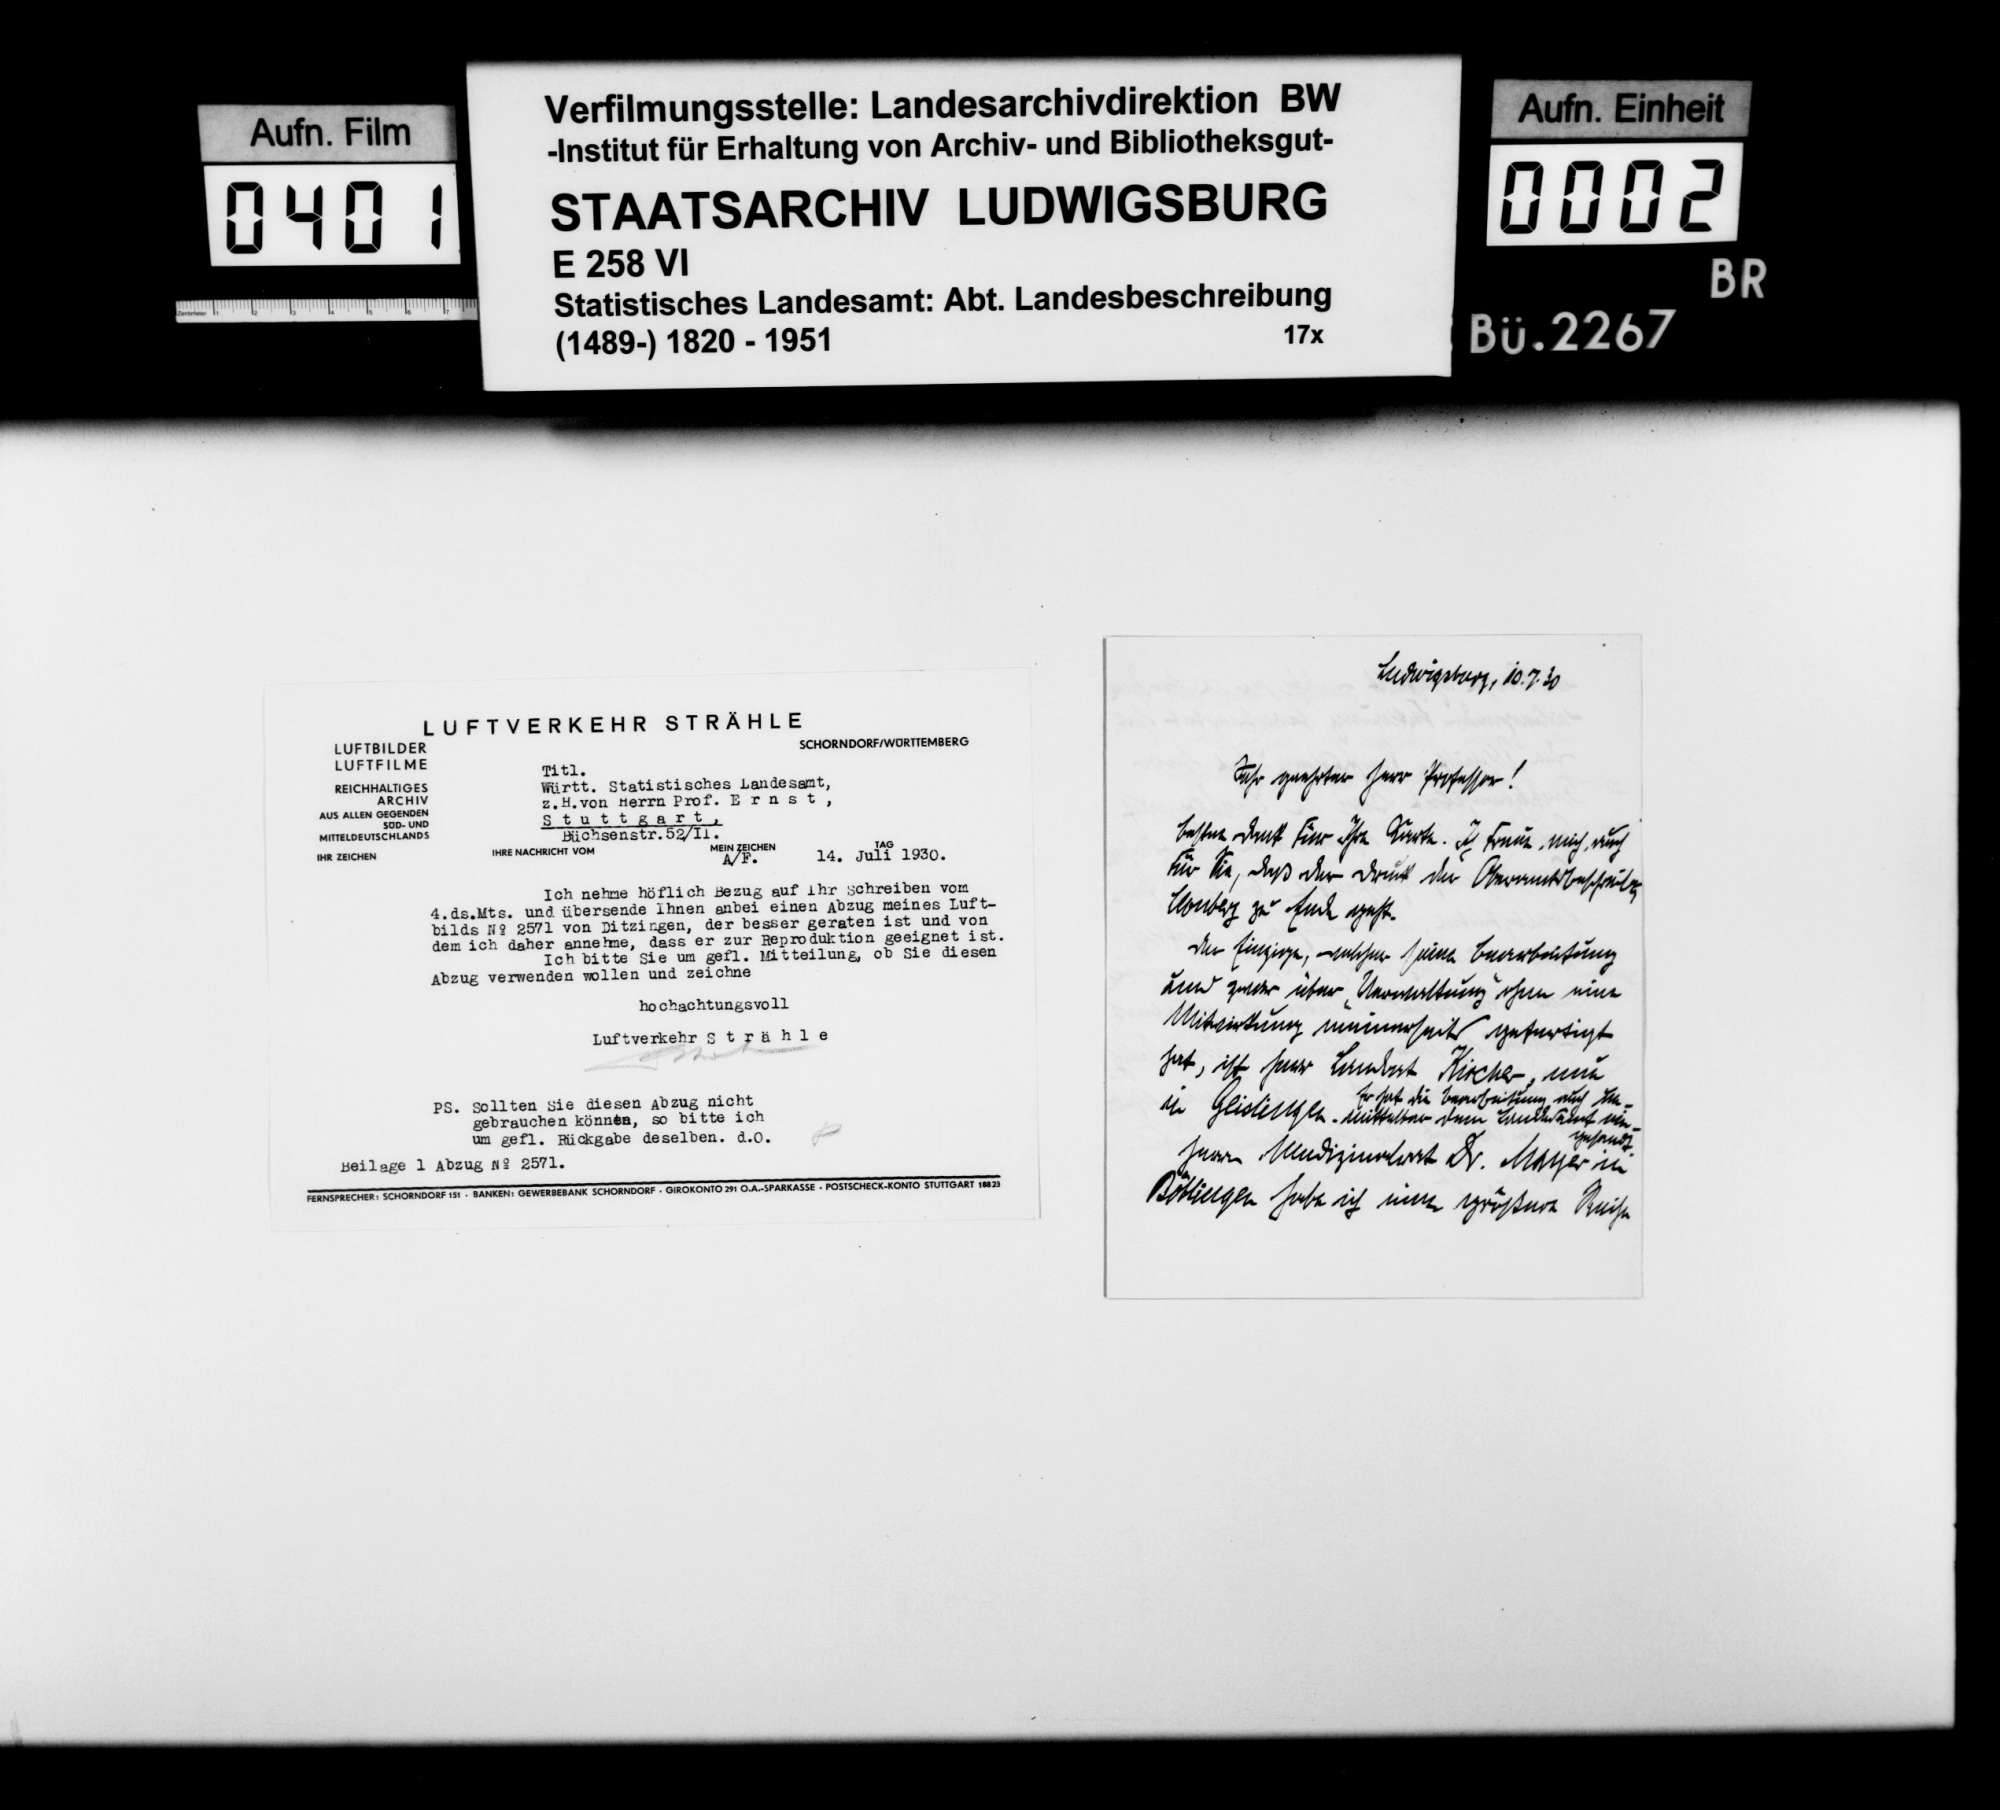 Druckvorlagen und Probedrucke der Abbildungen (Fotos und Zeichnungen) für die Neubearbeitung der OAB 1930, Bild 1